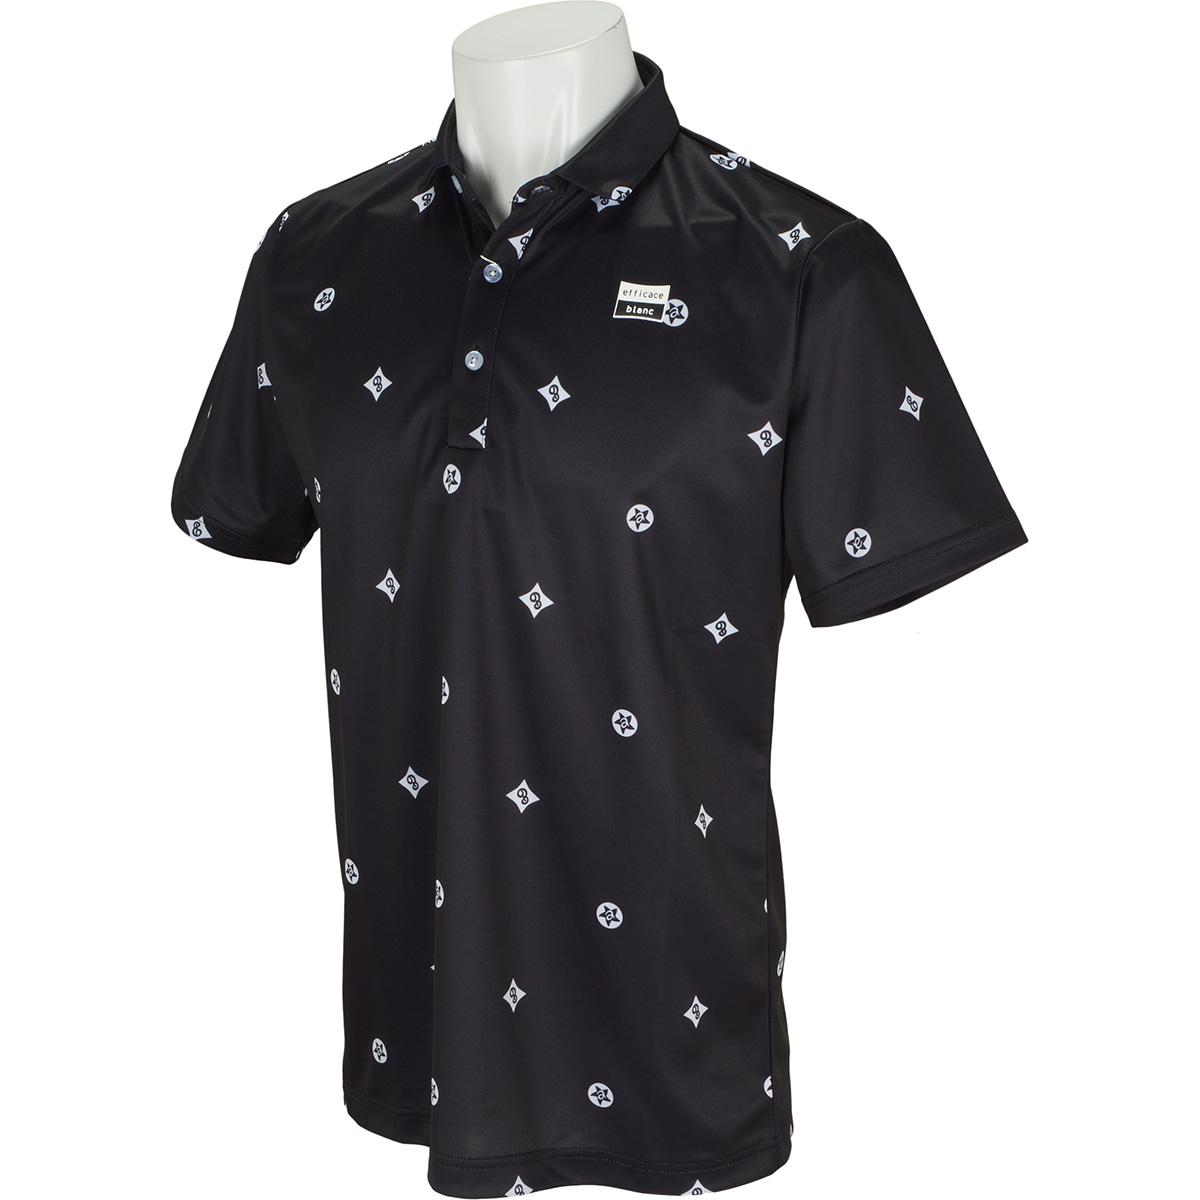 efficace blanc ストレッチ モノグラム半袖ポロシャツ